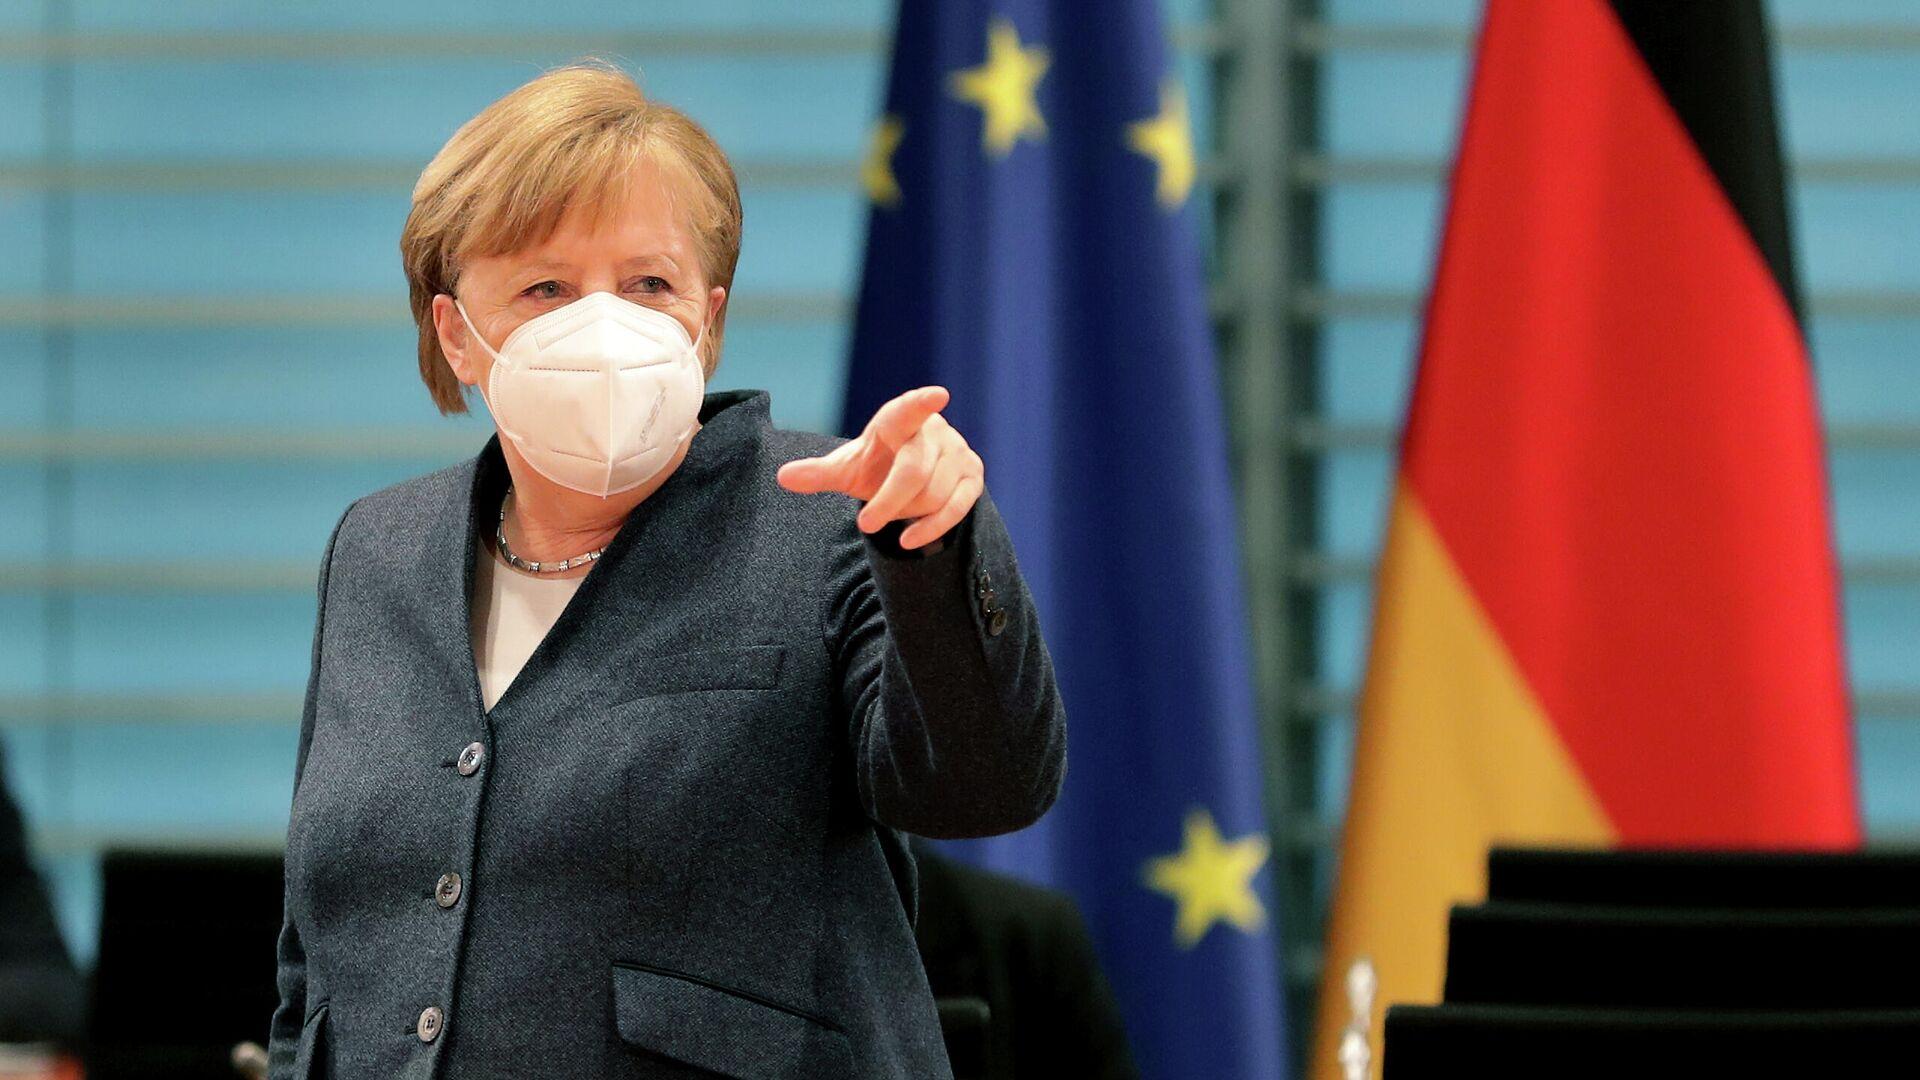 Bundeskanzlerin Angela Merkel (Archiv) - SNA, 1920, 23.09.2021